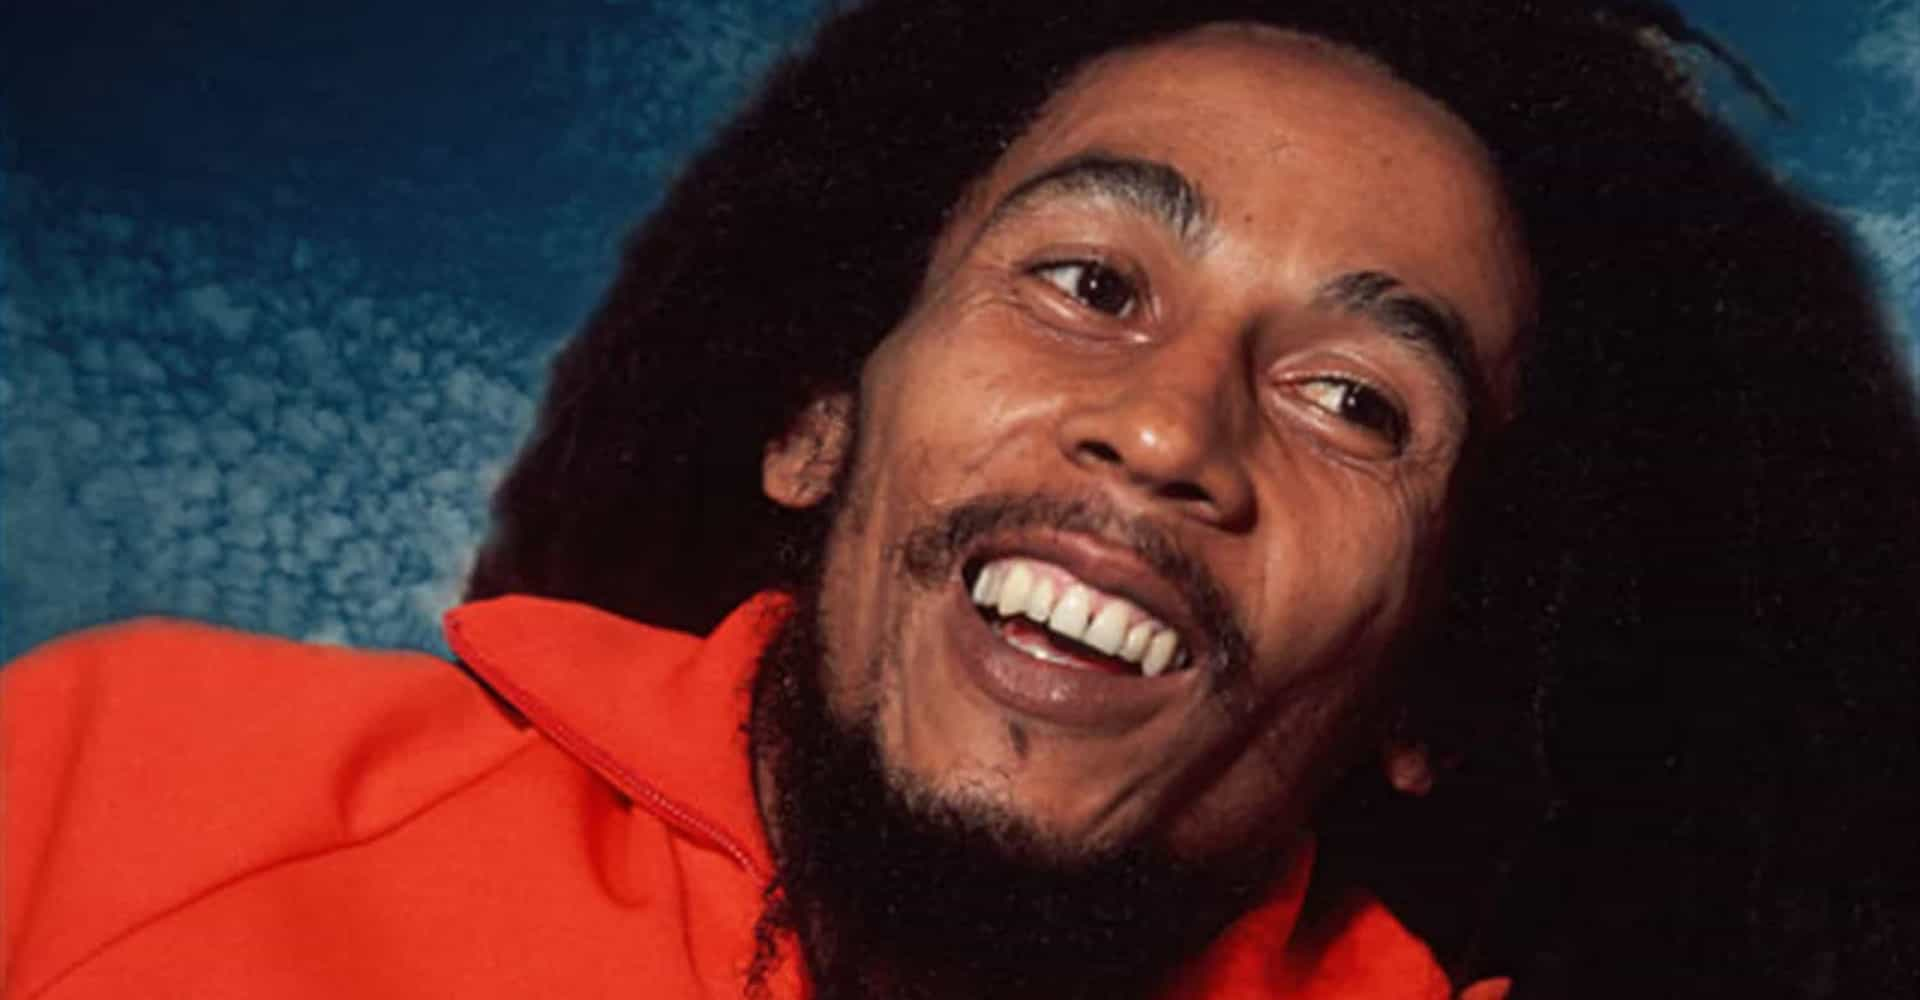 Amantes del reggae recuerdan a Bob Marley  a 75 años de su nacimiento